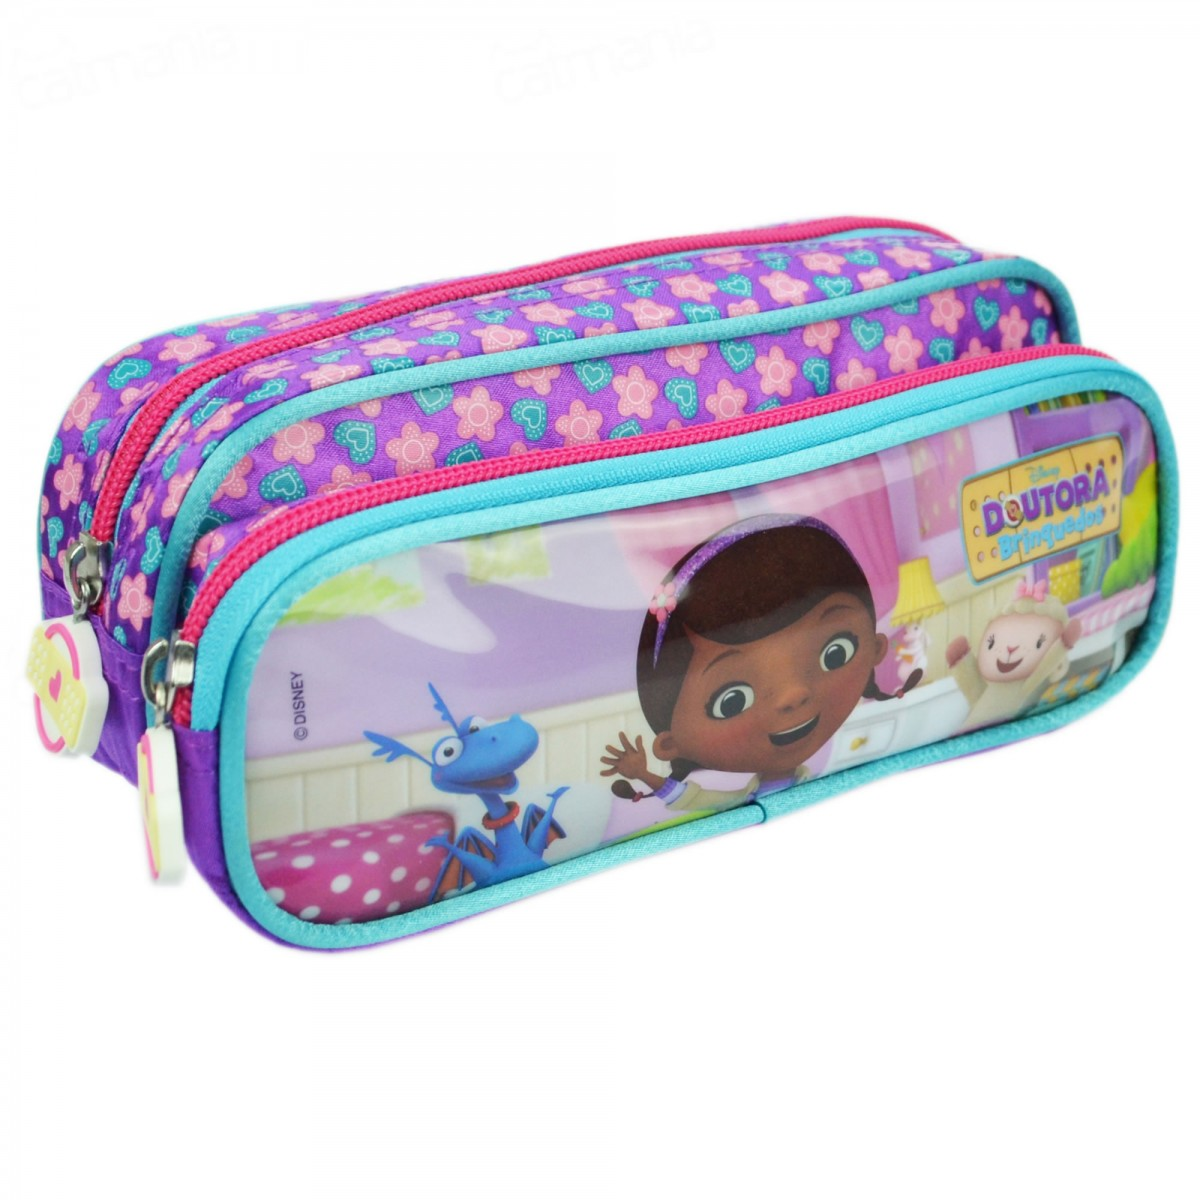 Estojo Doutora Brinquedos 2 compartimentos 60169 | Cor: Roxo